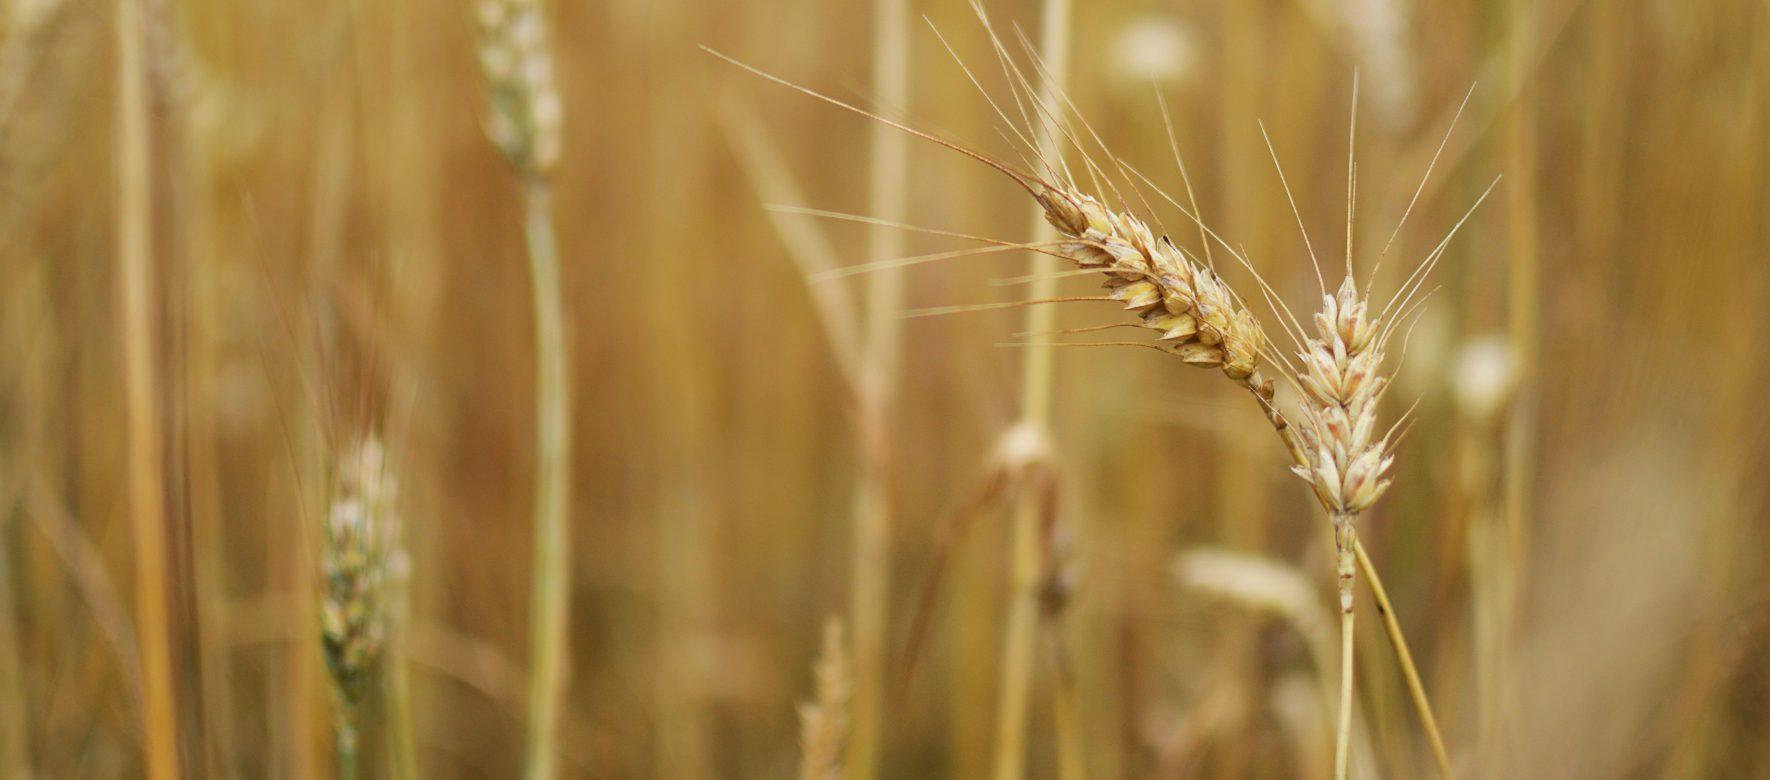 L'Algérie a-t-elle refoulé une cargaison de blé argentin ?